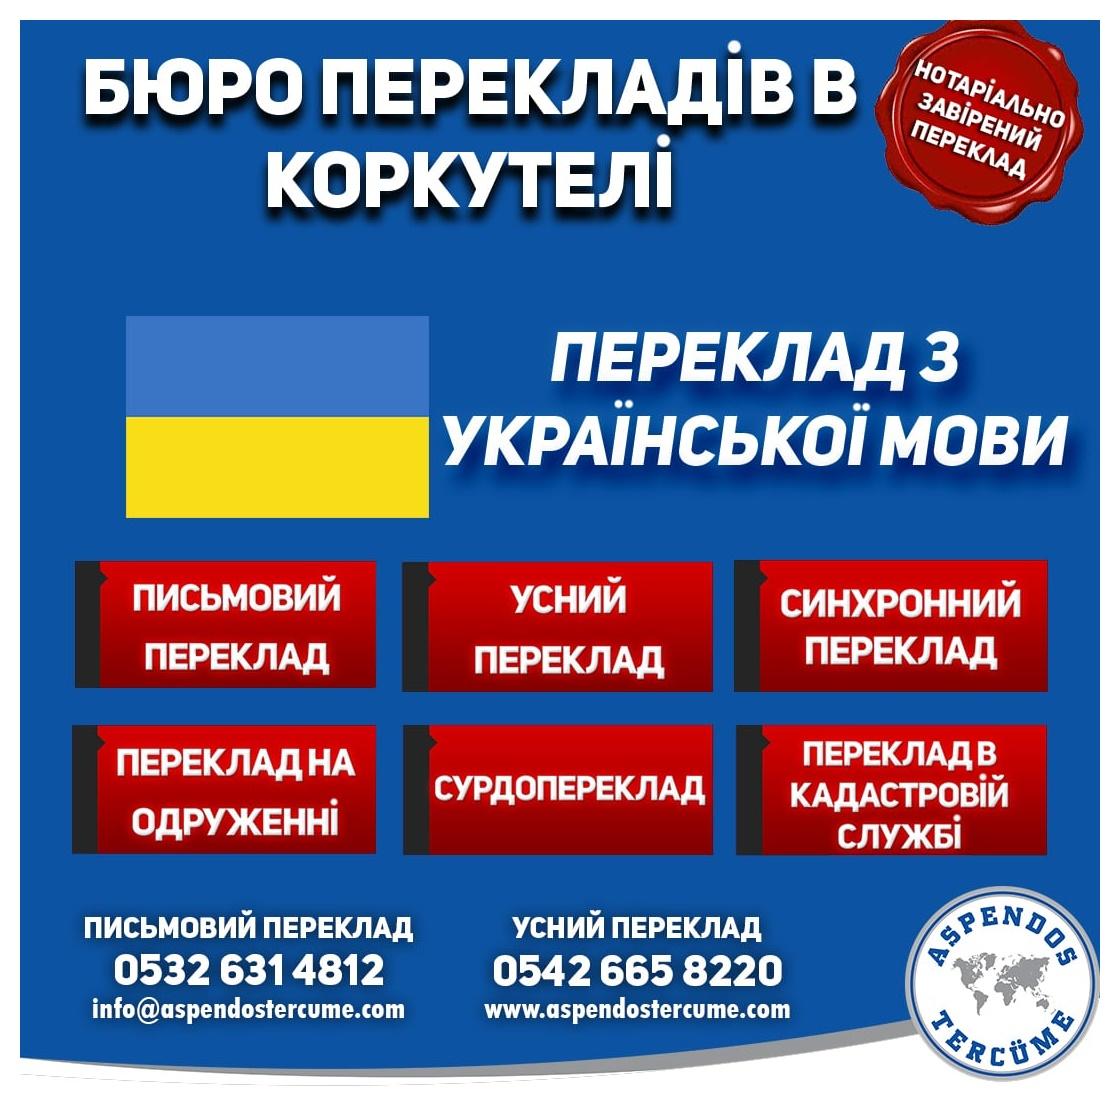 коркутелі_бюро_перекладів_український_переклад